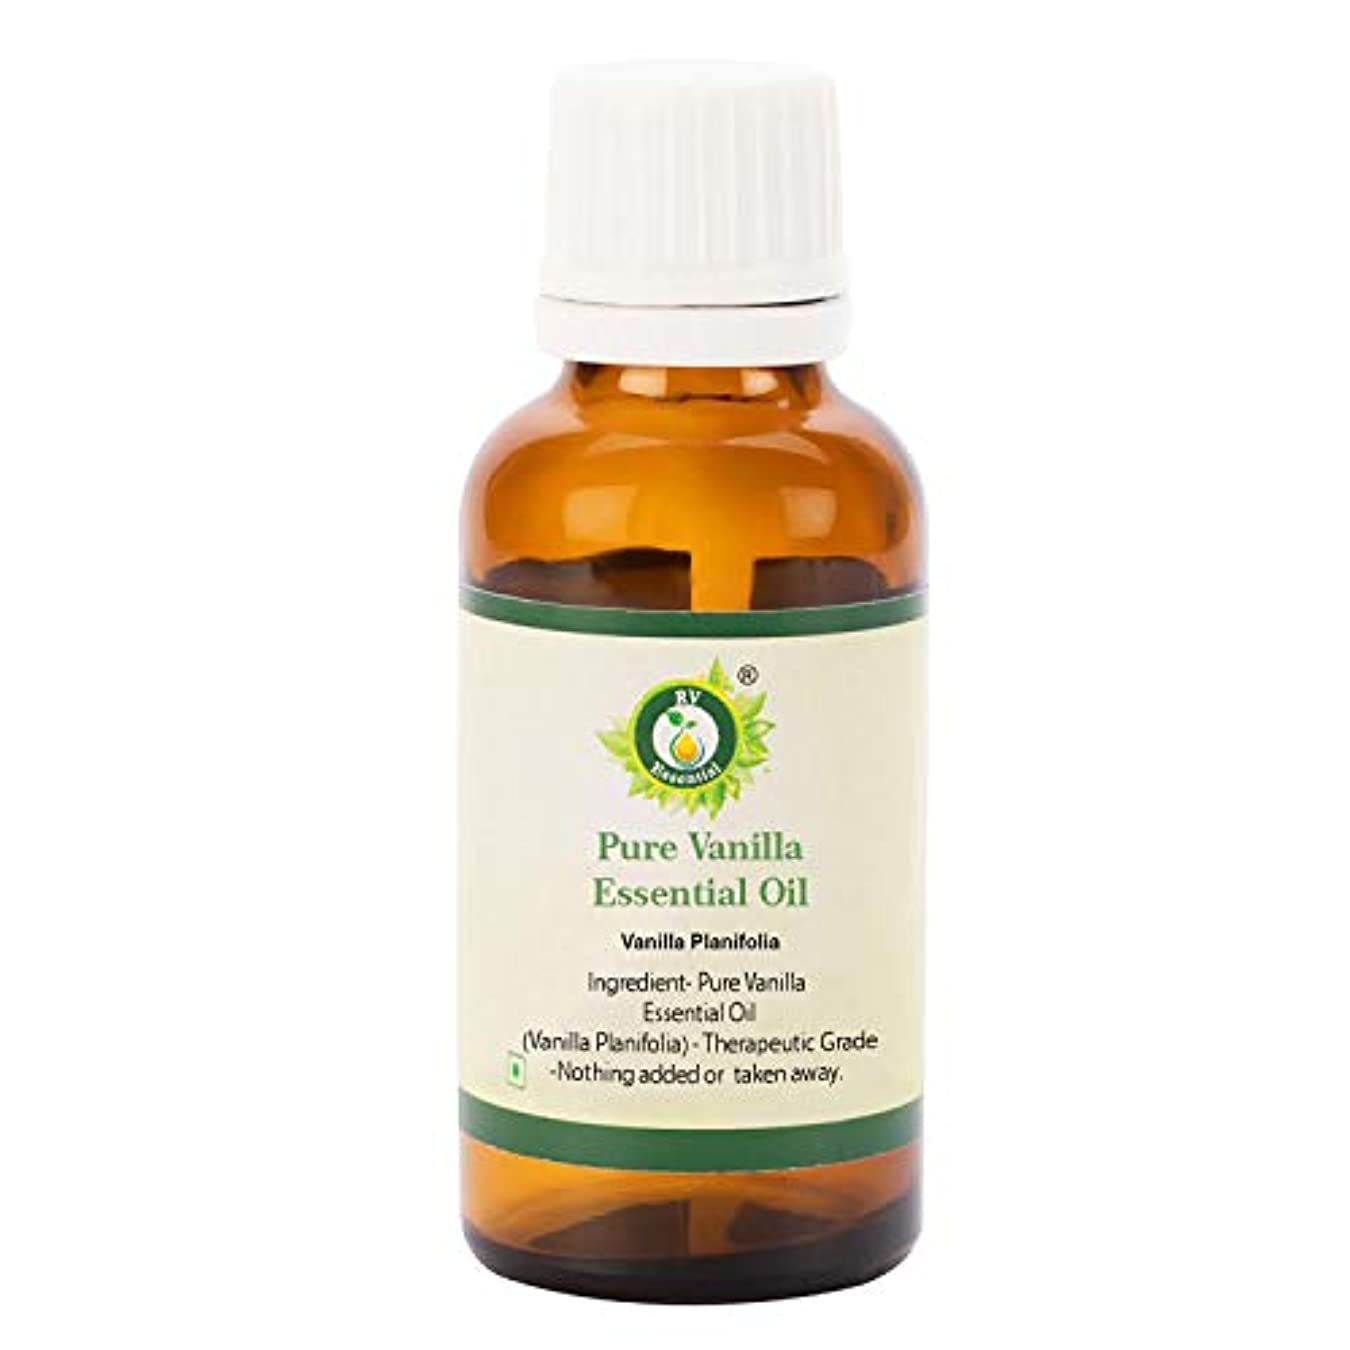 上陸寝るズボンR V Essential ピュアバニラエッセンシャルオイル10ml (0.338oz)- Vanilla Planifolia (100%純粋&天然) Pure Vanilla Essential Oil